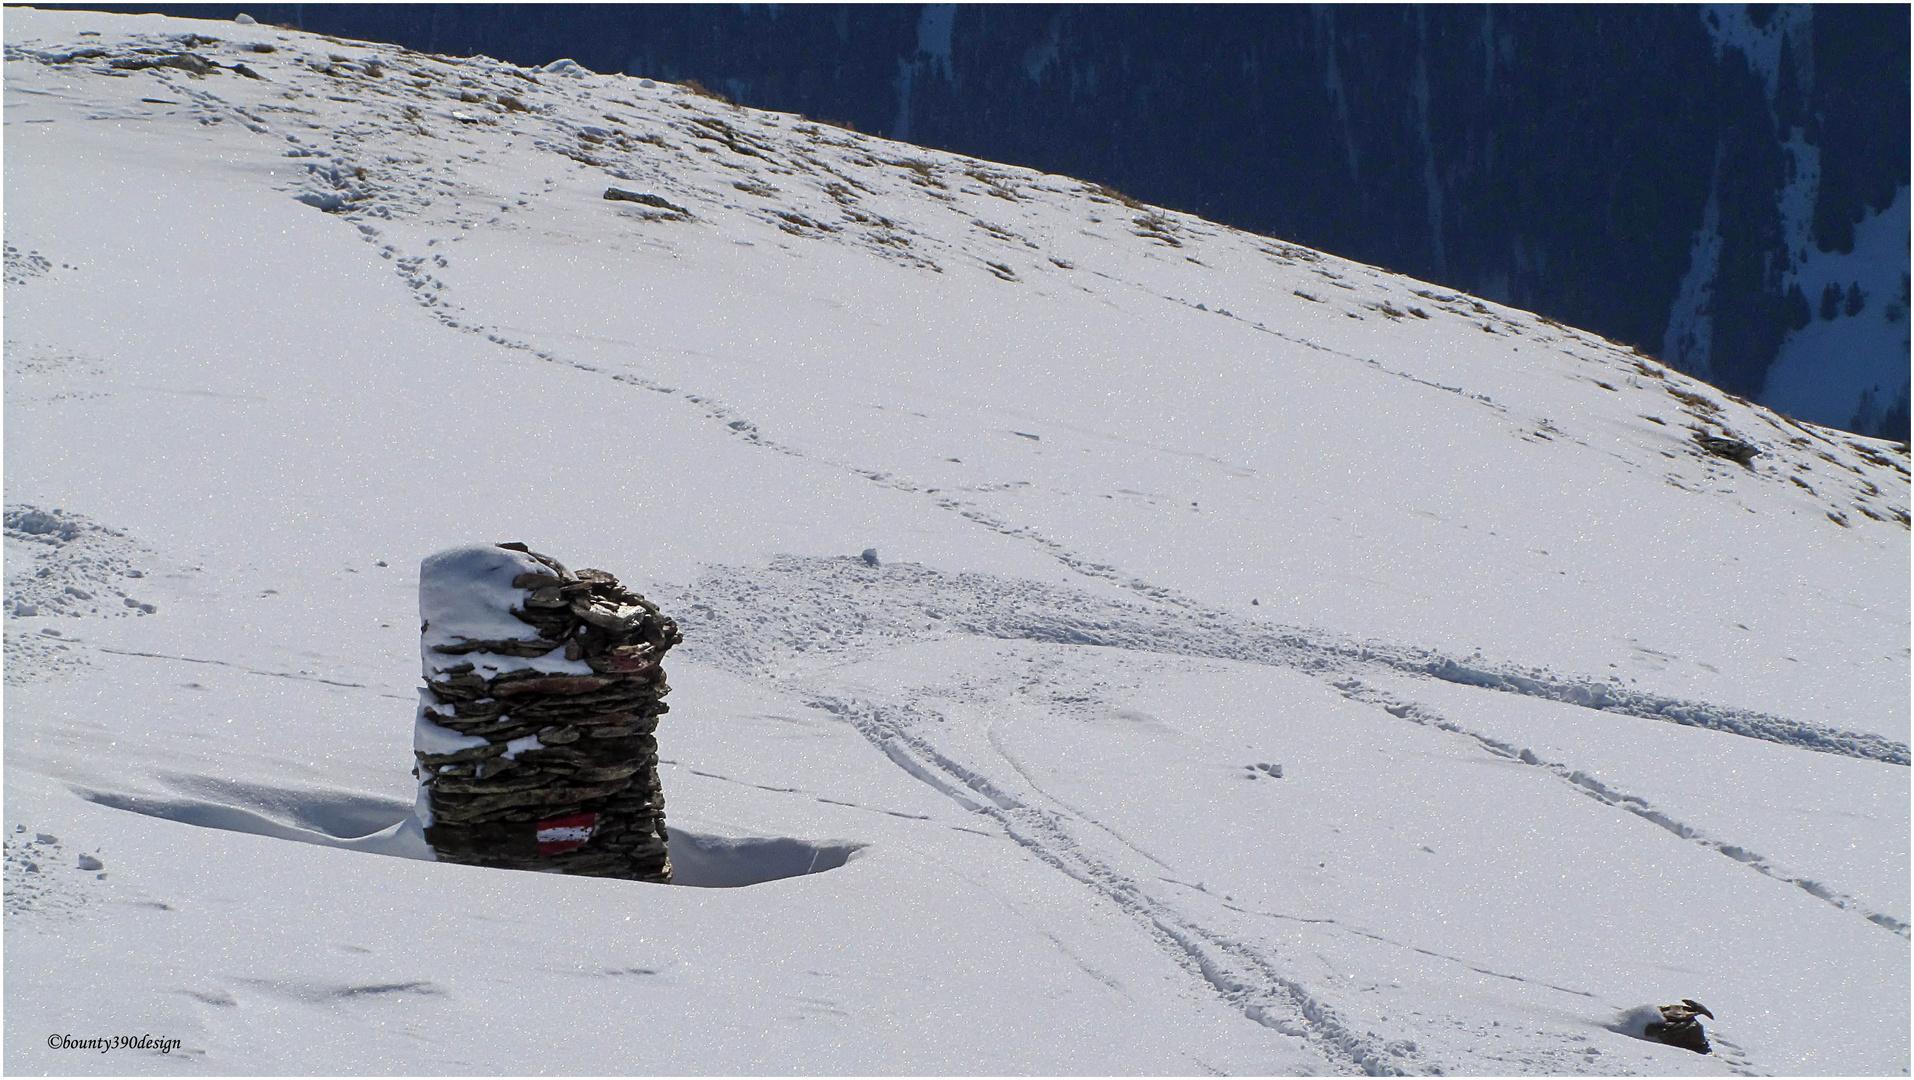 Einsam am abgeblasenen Bergrücken